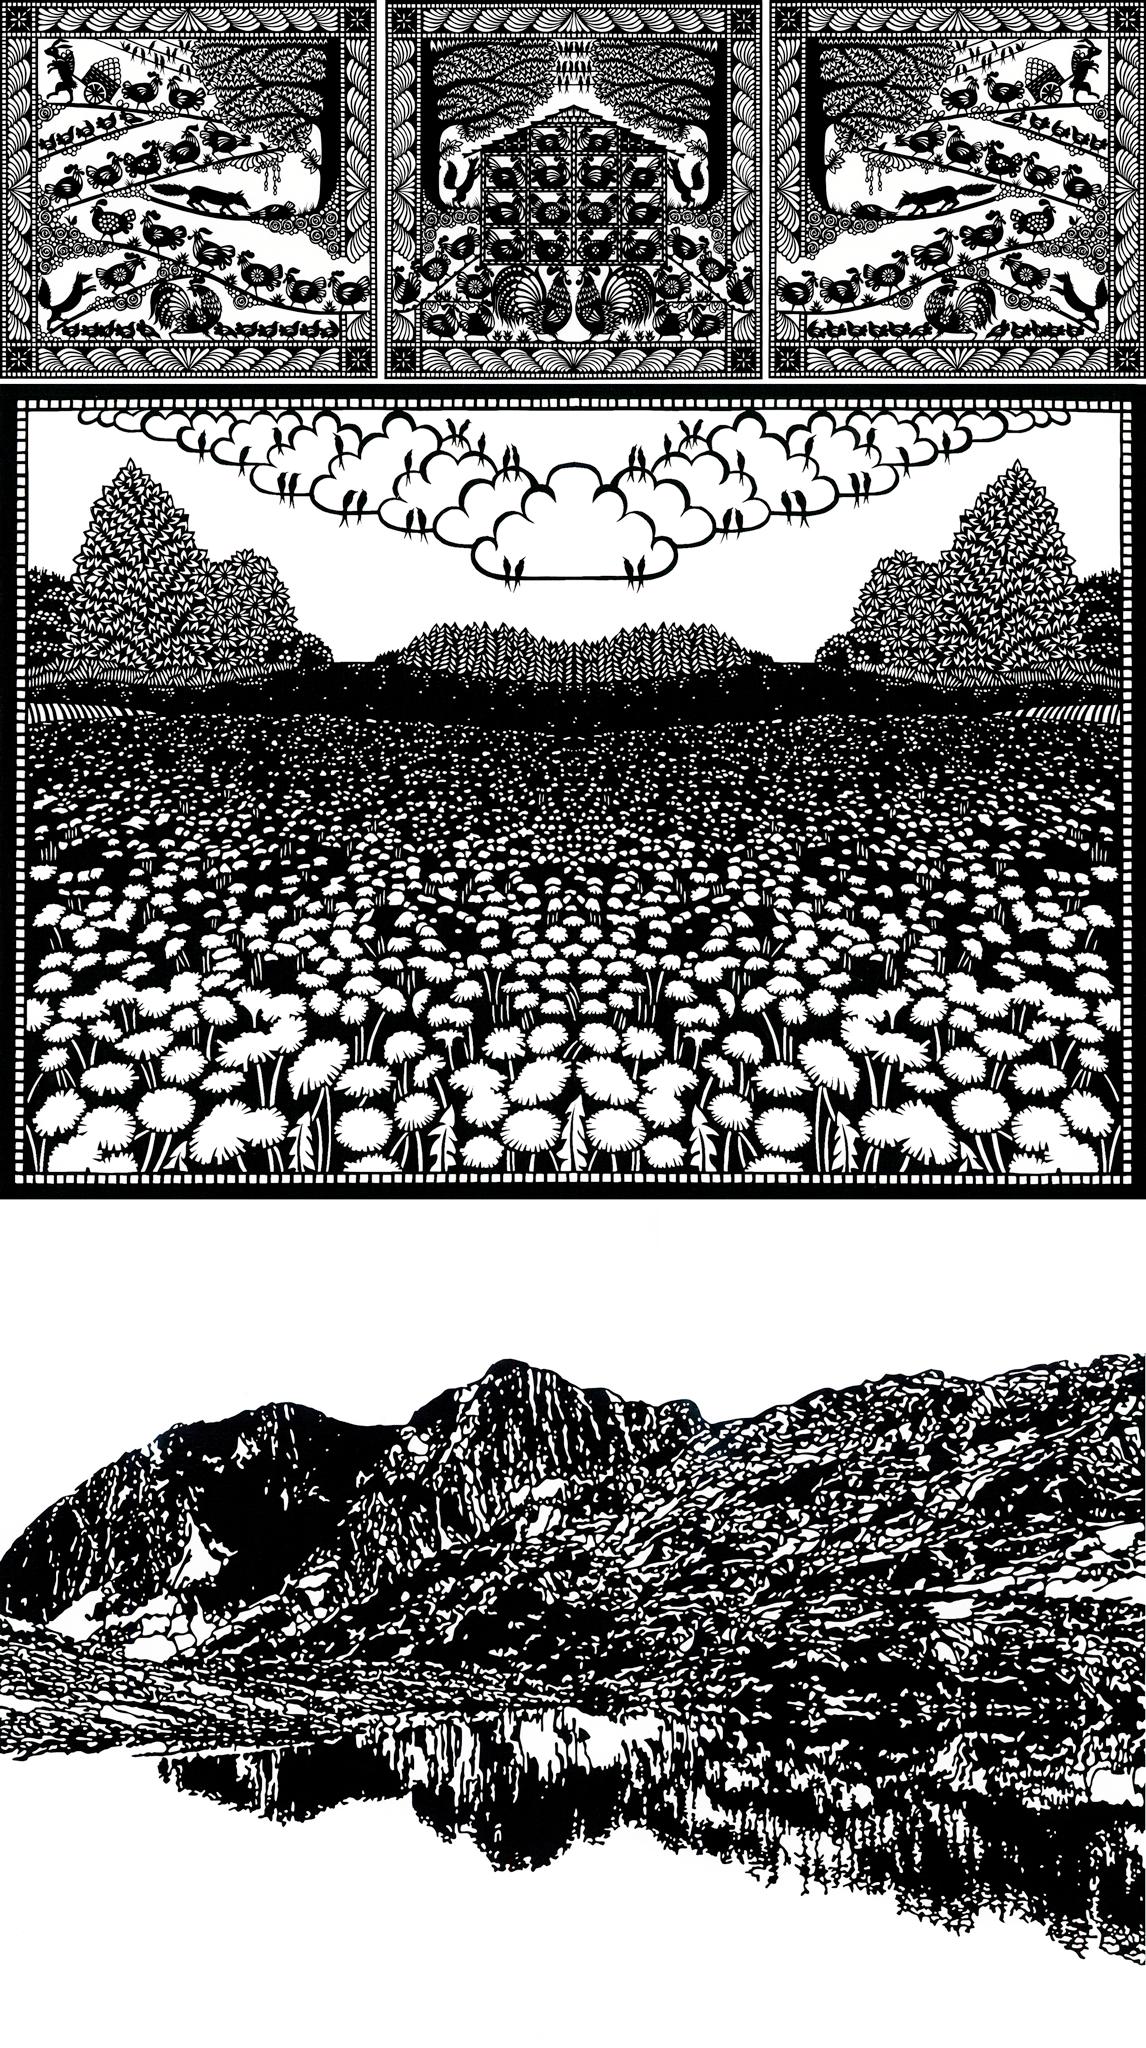 Meine Arbeit - Die allgemeine Vorstellung von Scherenschnitt beinhaltet vor allem Alpaufzüge, schwarze Silhouetten und symmetrische Bilder. Als ich vor mehr als 10 Jahren mit Papierschnitten angefangen habe, benutzte auch ich die klassische Falttechnik. Ich habe mir jedoch vorgenommen, nie einen Alpaufzug zu schneiden. Inspiriert durch die Natur und Bergwelt habe ich mehr und mehr angefangen mit Strukturen zu arbeiten. Sehr bewundere ich die Holzschnitte von Emil Zbinden und Franz Gertsch. Nach und nach habe ich meinen eigenen Stil entwickelt. Heute arbeite ich hauptsächlich mit Fotos als Grundlage für meine Motive. Die Fotos entstehen auf Wanderungen und Bergtouren in der Schweiz oder auch auf Reisen im Ausland. Oft fotografiere ich schon mit 'Scherenschnitt'-Augen. Längst nicht jedes Motiv ist nämlich eine gute Vorlage für einen interessanten Scherenschnitt. Die Bilder müssen kontrastreich und strukturiert sein. Es ist auch eine Herausforderung eine Komposition zu entwerfen, die ein zusammenhängendes Stück Papier ist und nicht in Einzelteile zerfällt.